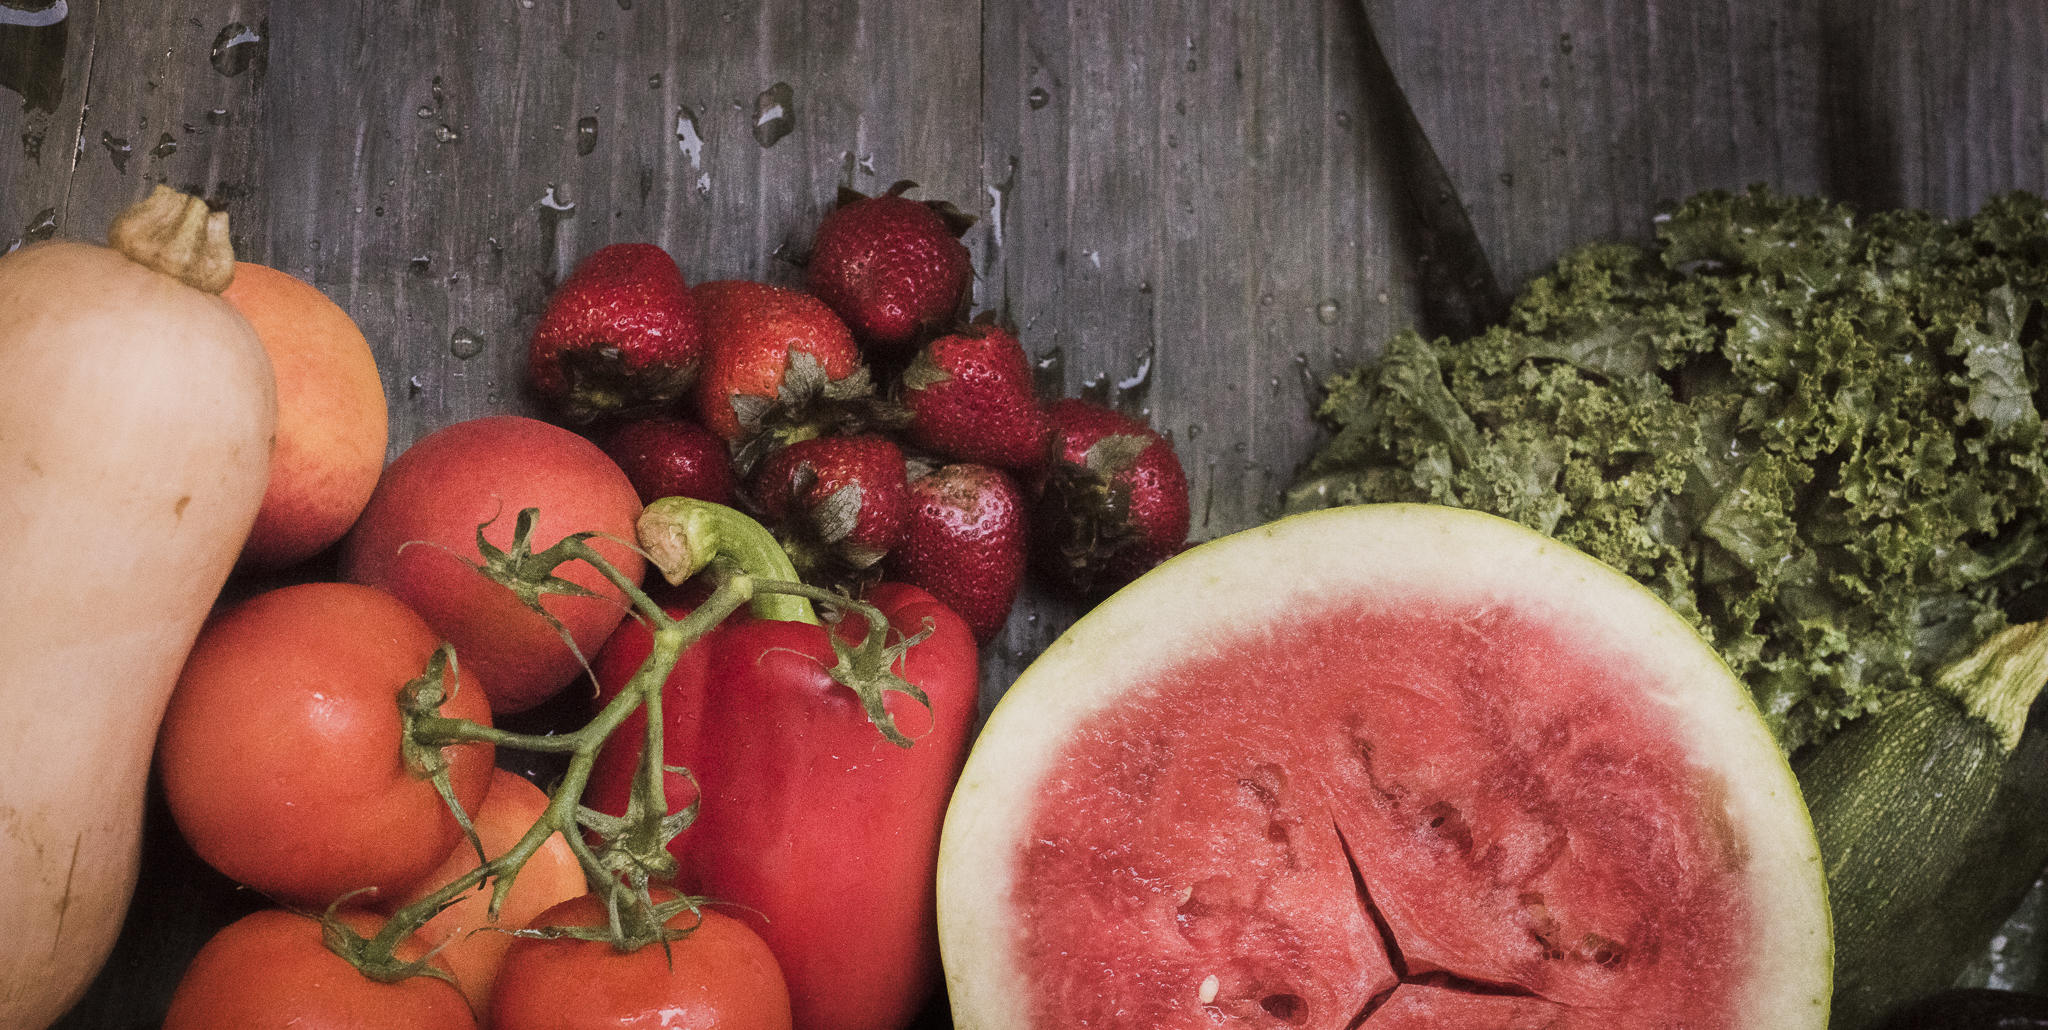 redfruitshorizontal-3056-enrique-samson-tru150720.jpg